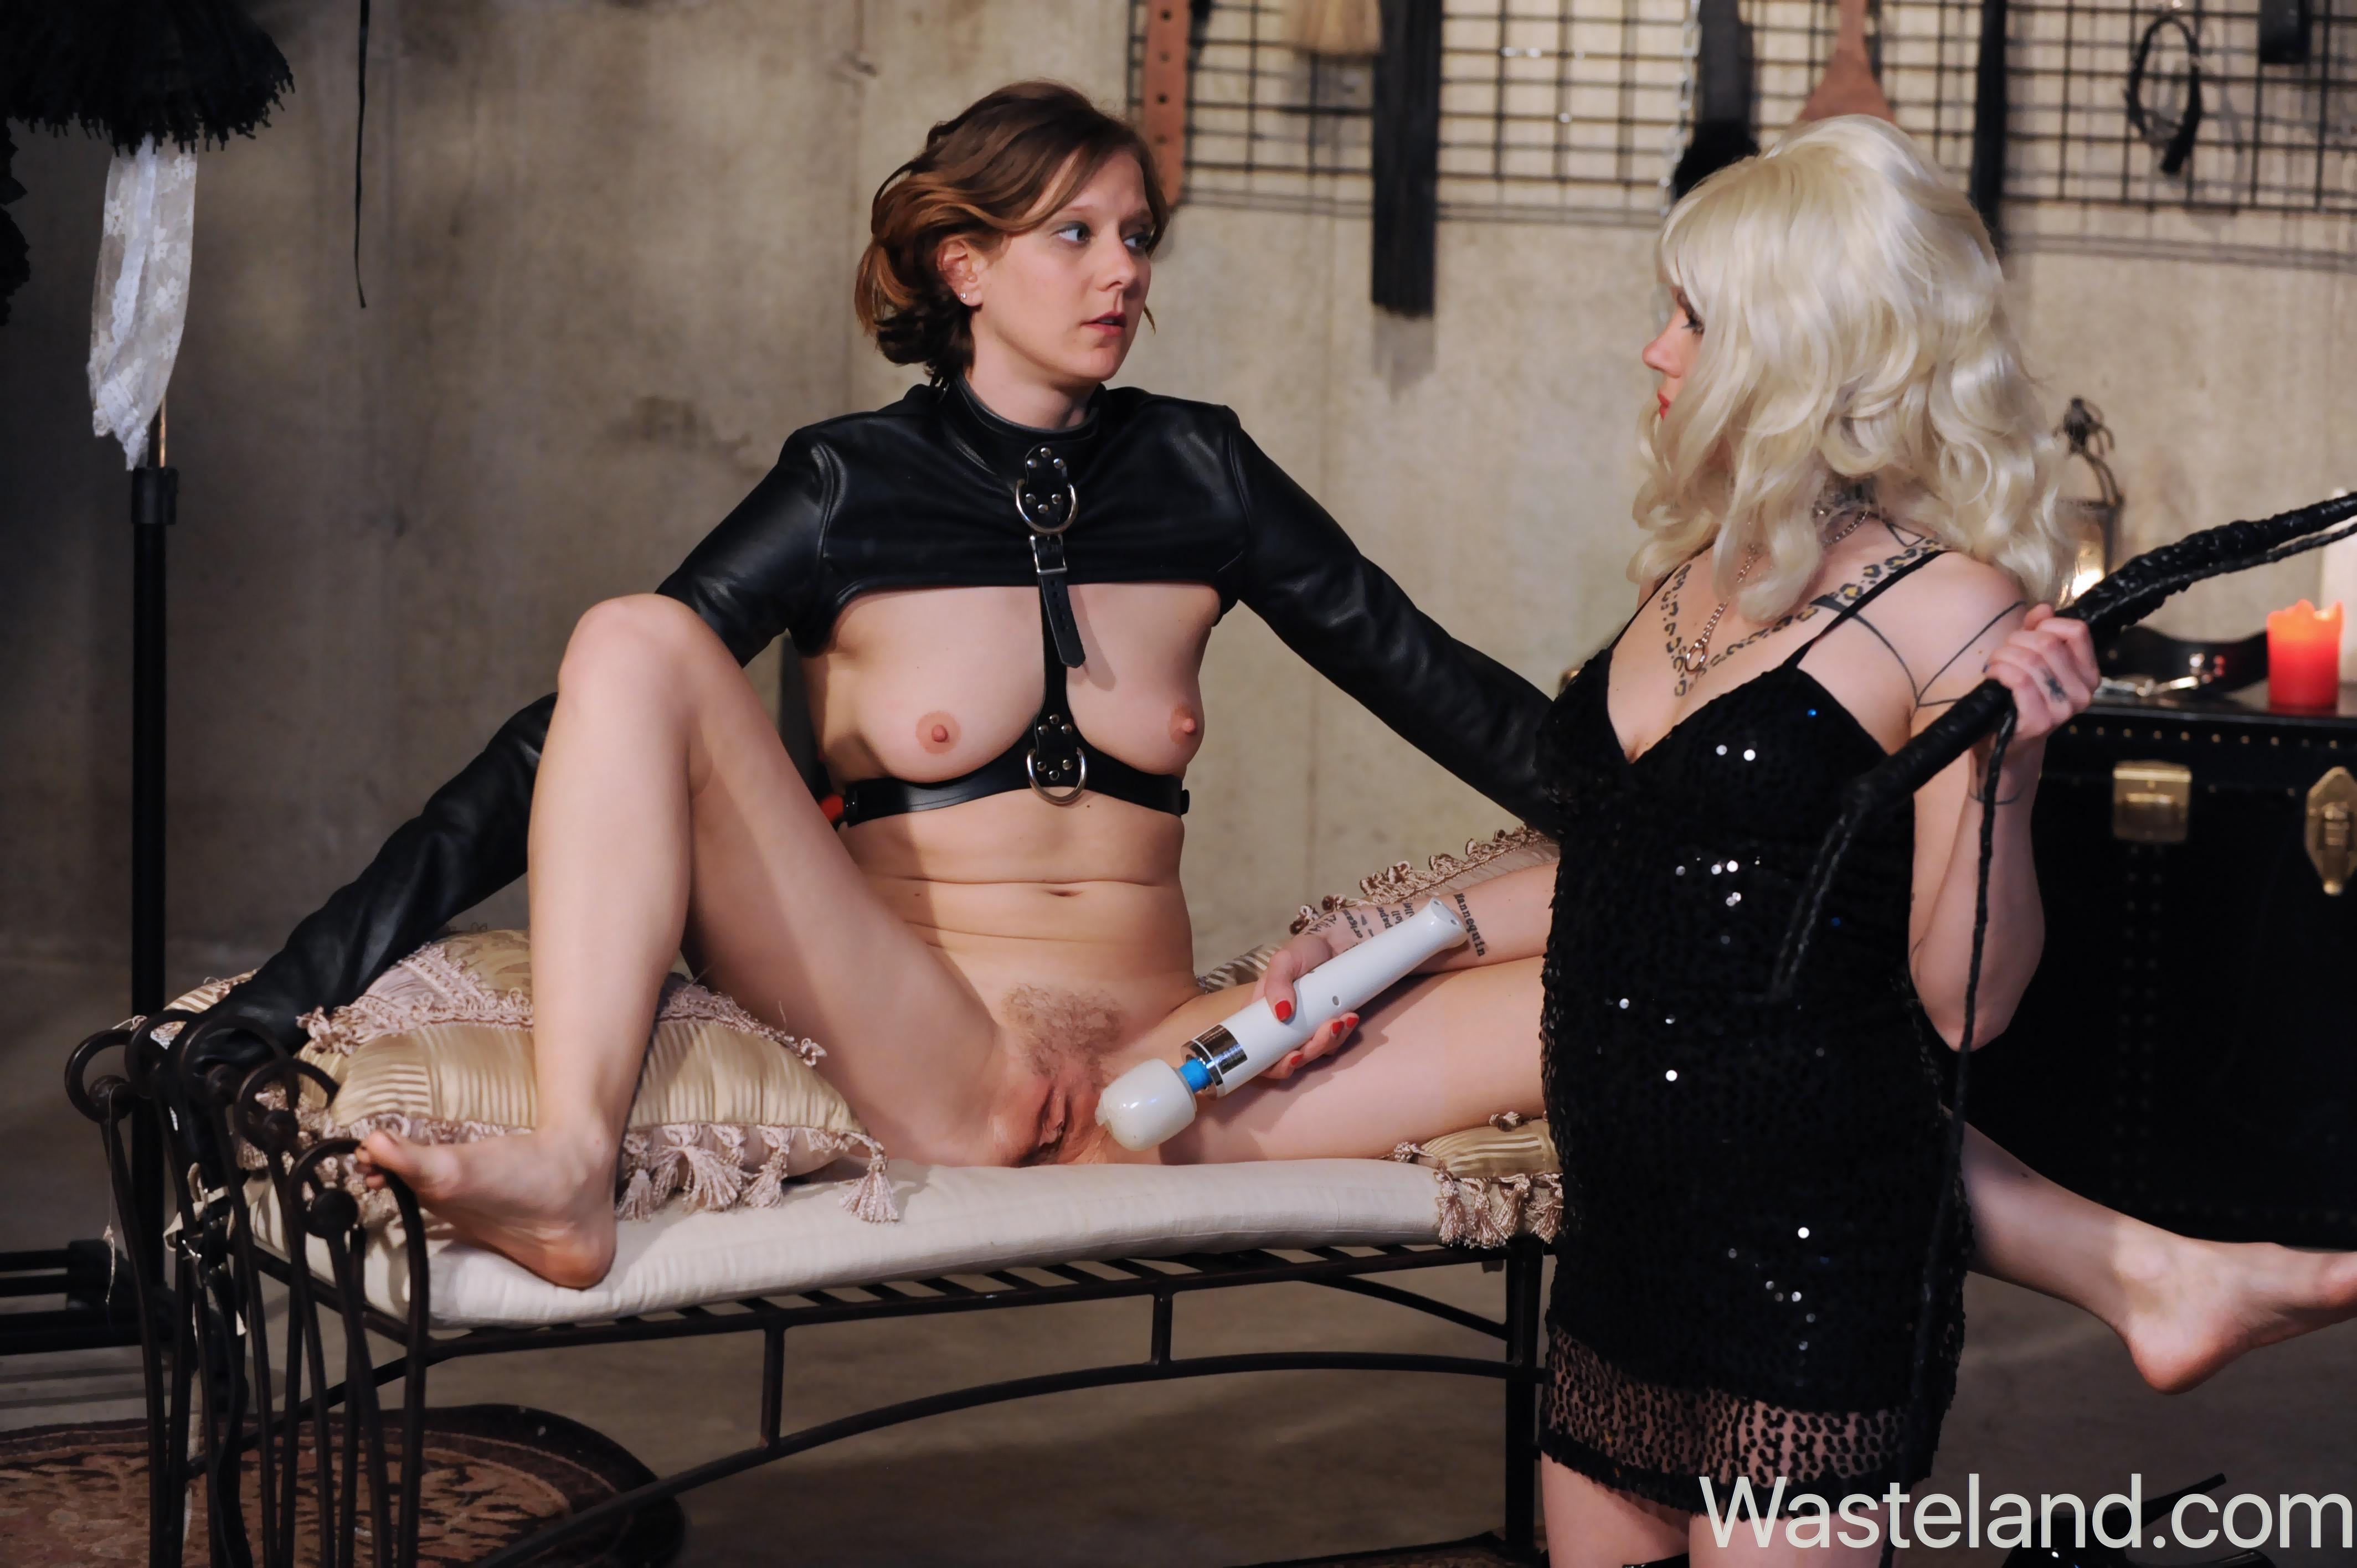 Hd Bondage Lesbian - hardcore lesbian bondage 2 - MegaPornX